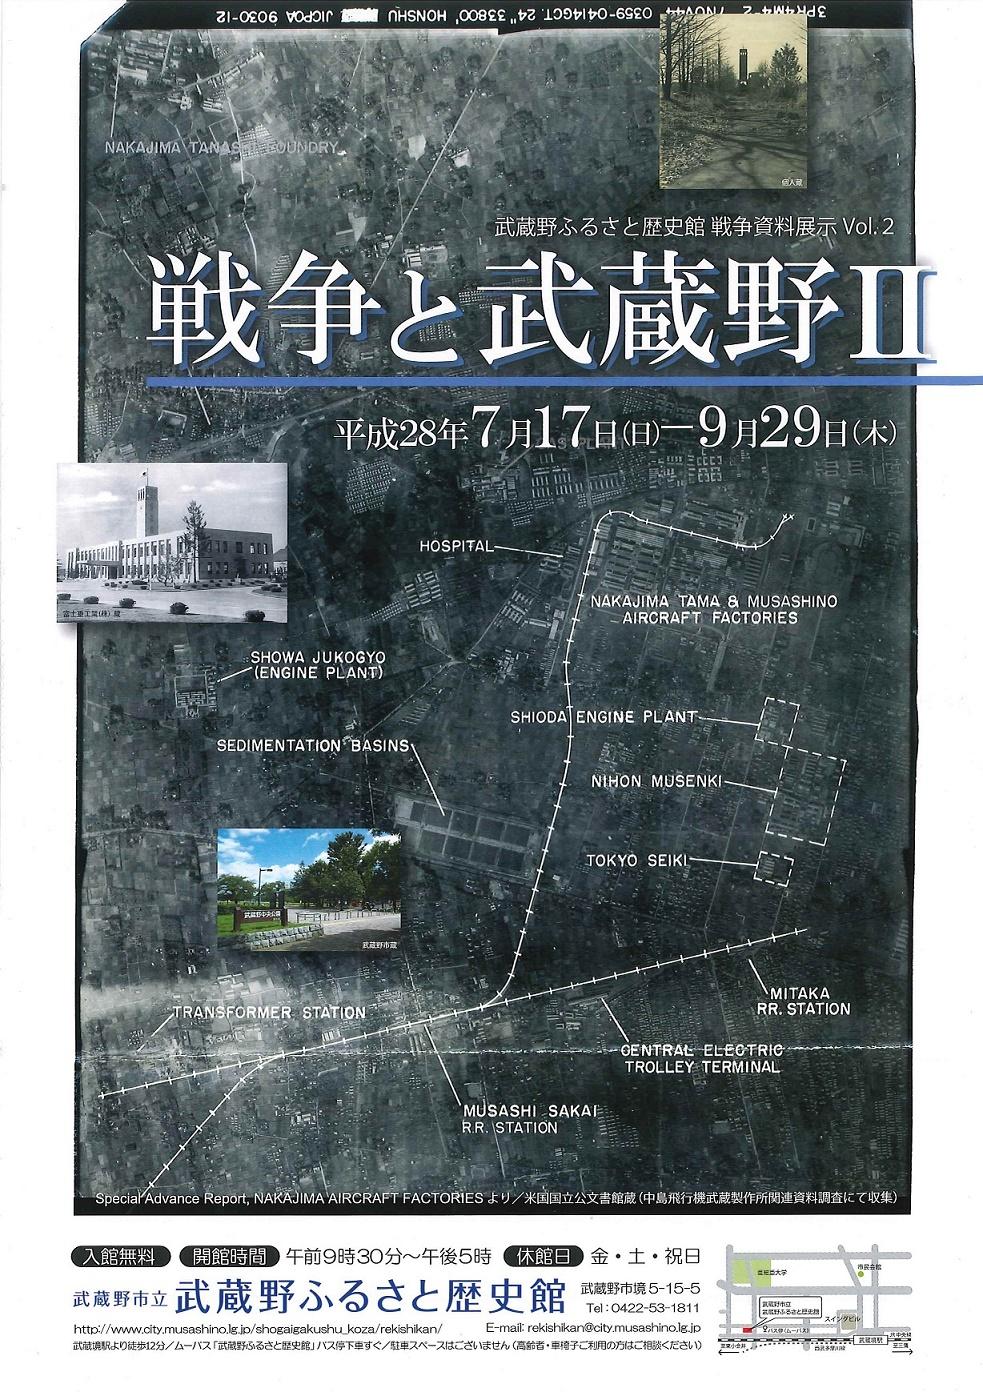 武蔵野ふるさと歴史館戦争資料展示 『戦争と武蔵野Ⅱ』~